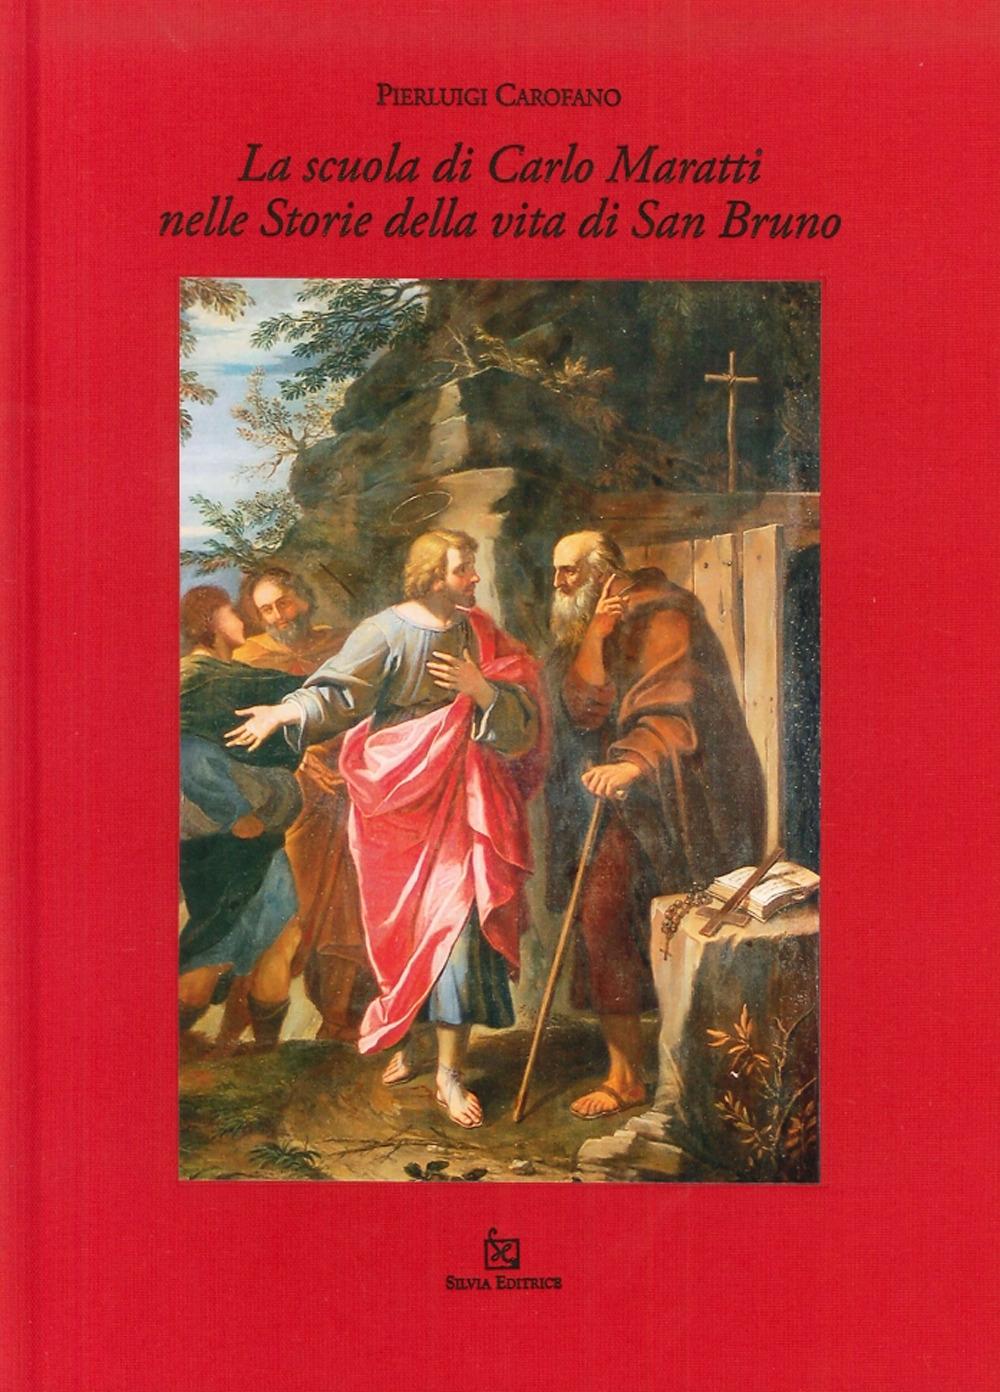 La Scuola di Carlo Maratti nelle Storie della Vita di San Bruno. Una Proposta per Girolamo Pesci (1684-1759) con un'Appendice Su François Chauveau